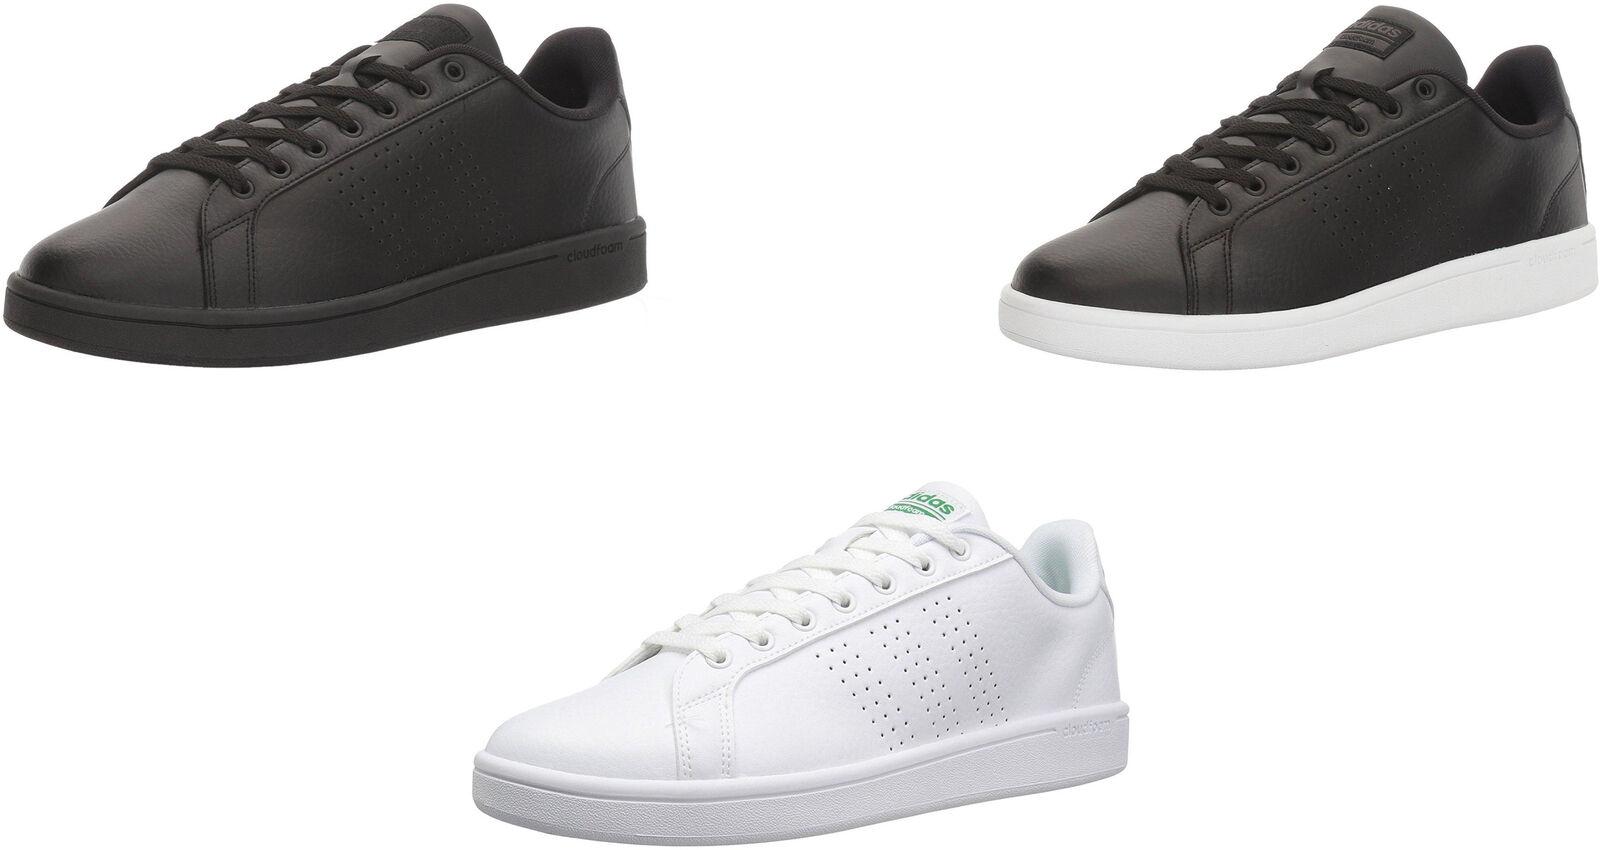 adidas Men's Cloudfoam Advantage Clean Colors Sneakers, 3 Colors Clean 2e003a